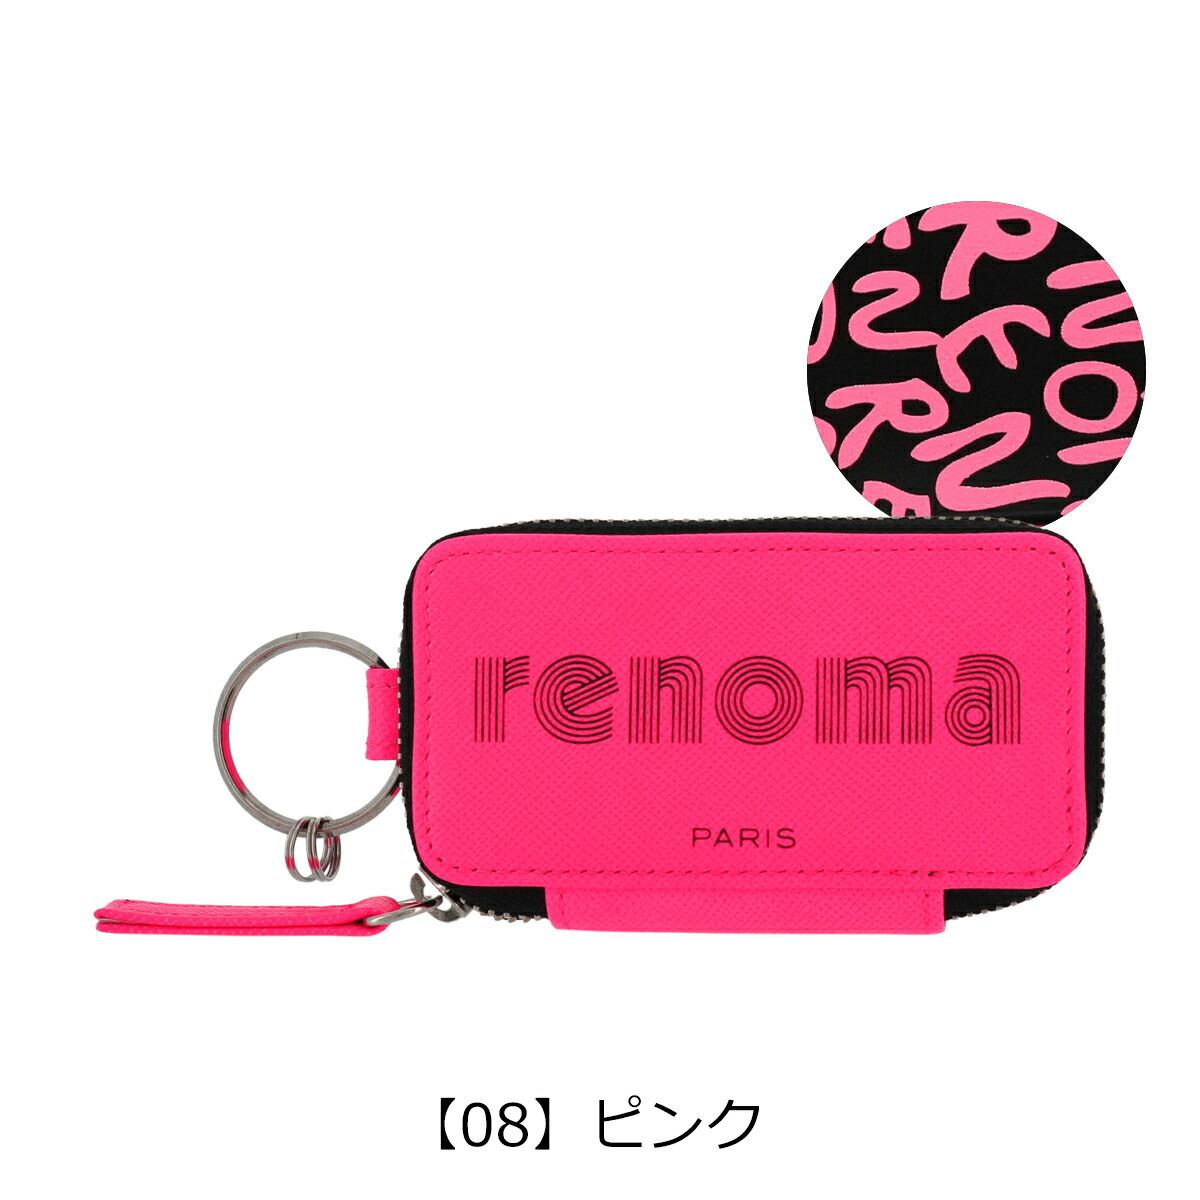 【08】ピンク